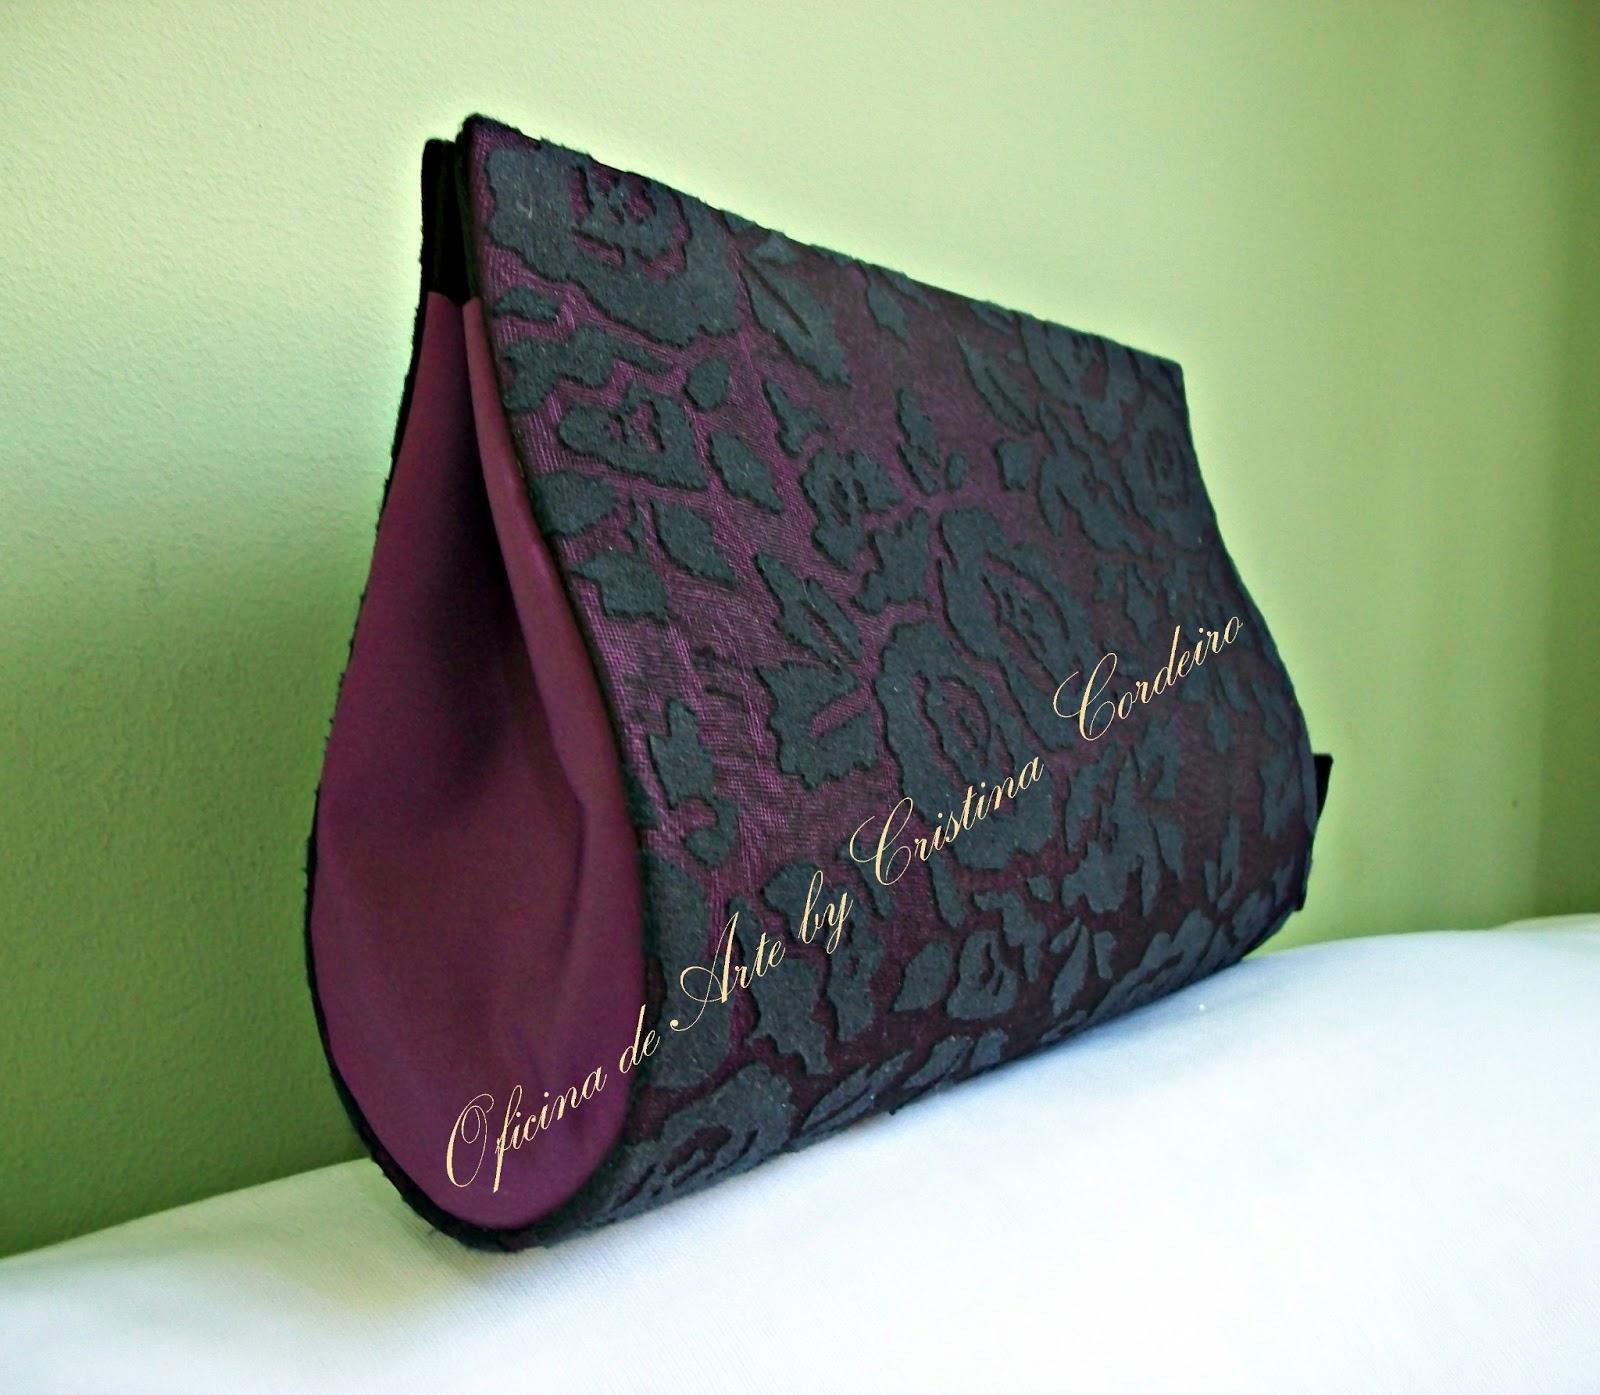 9acafdad4f2a Oficina de Arte: Bolsa Clutch Uva com Renda Preta